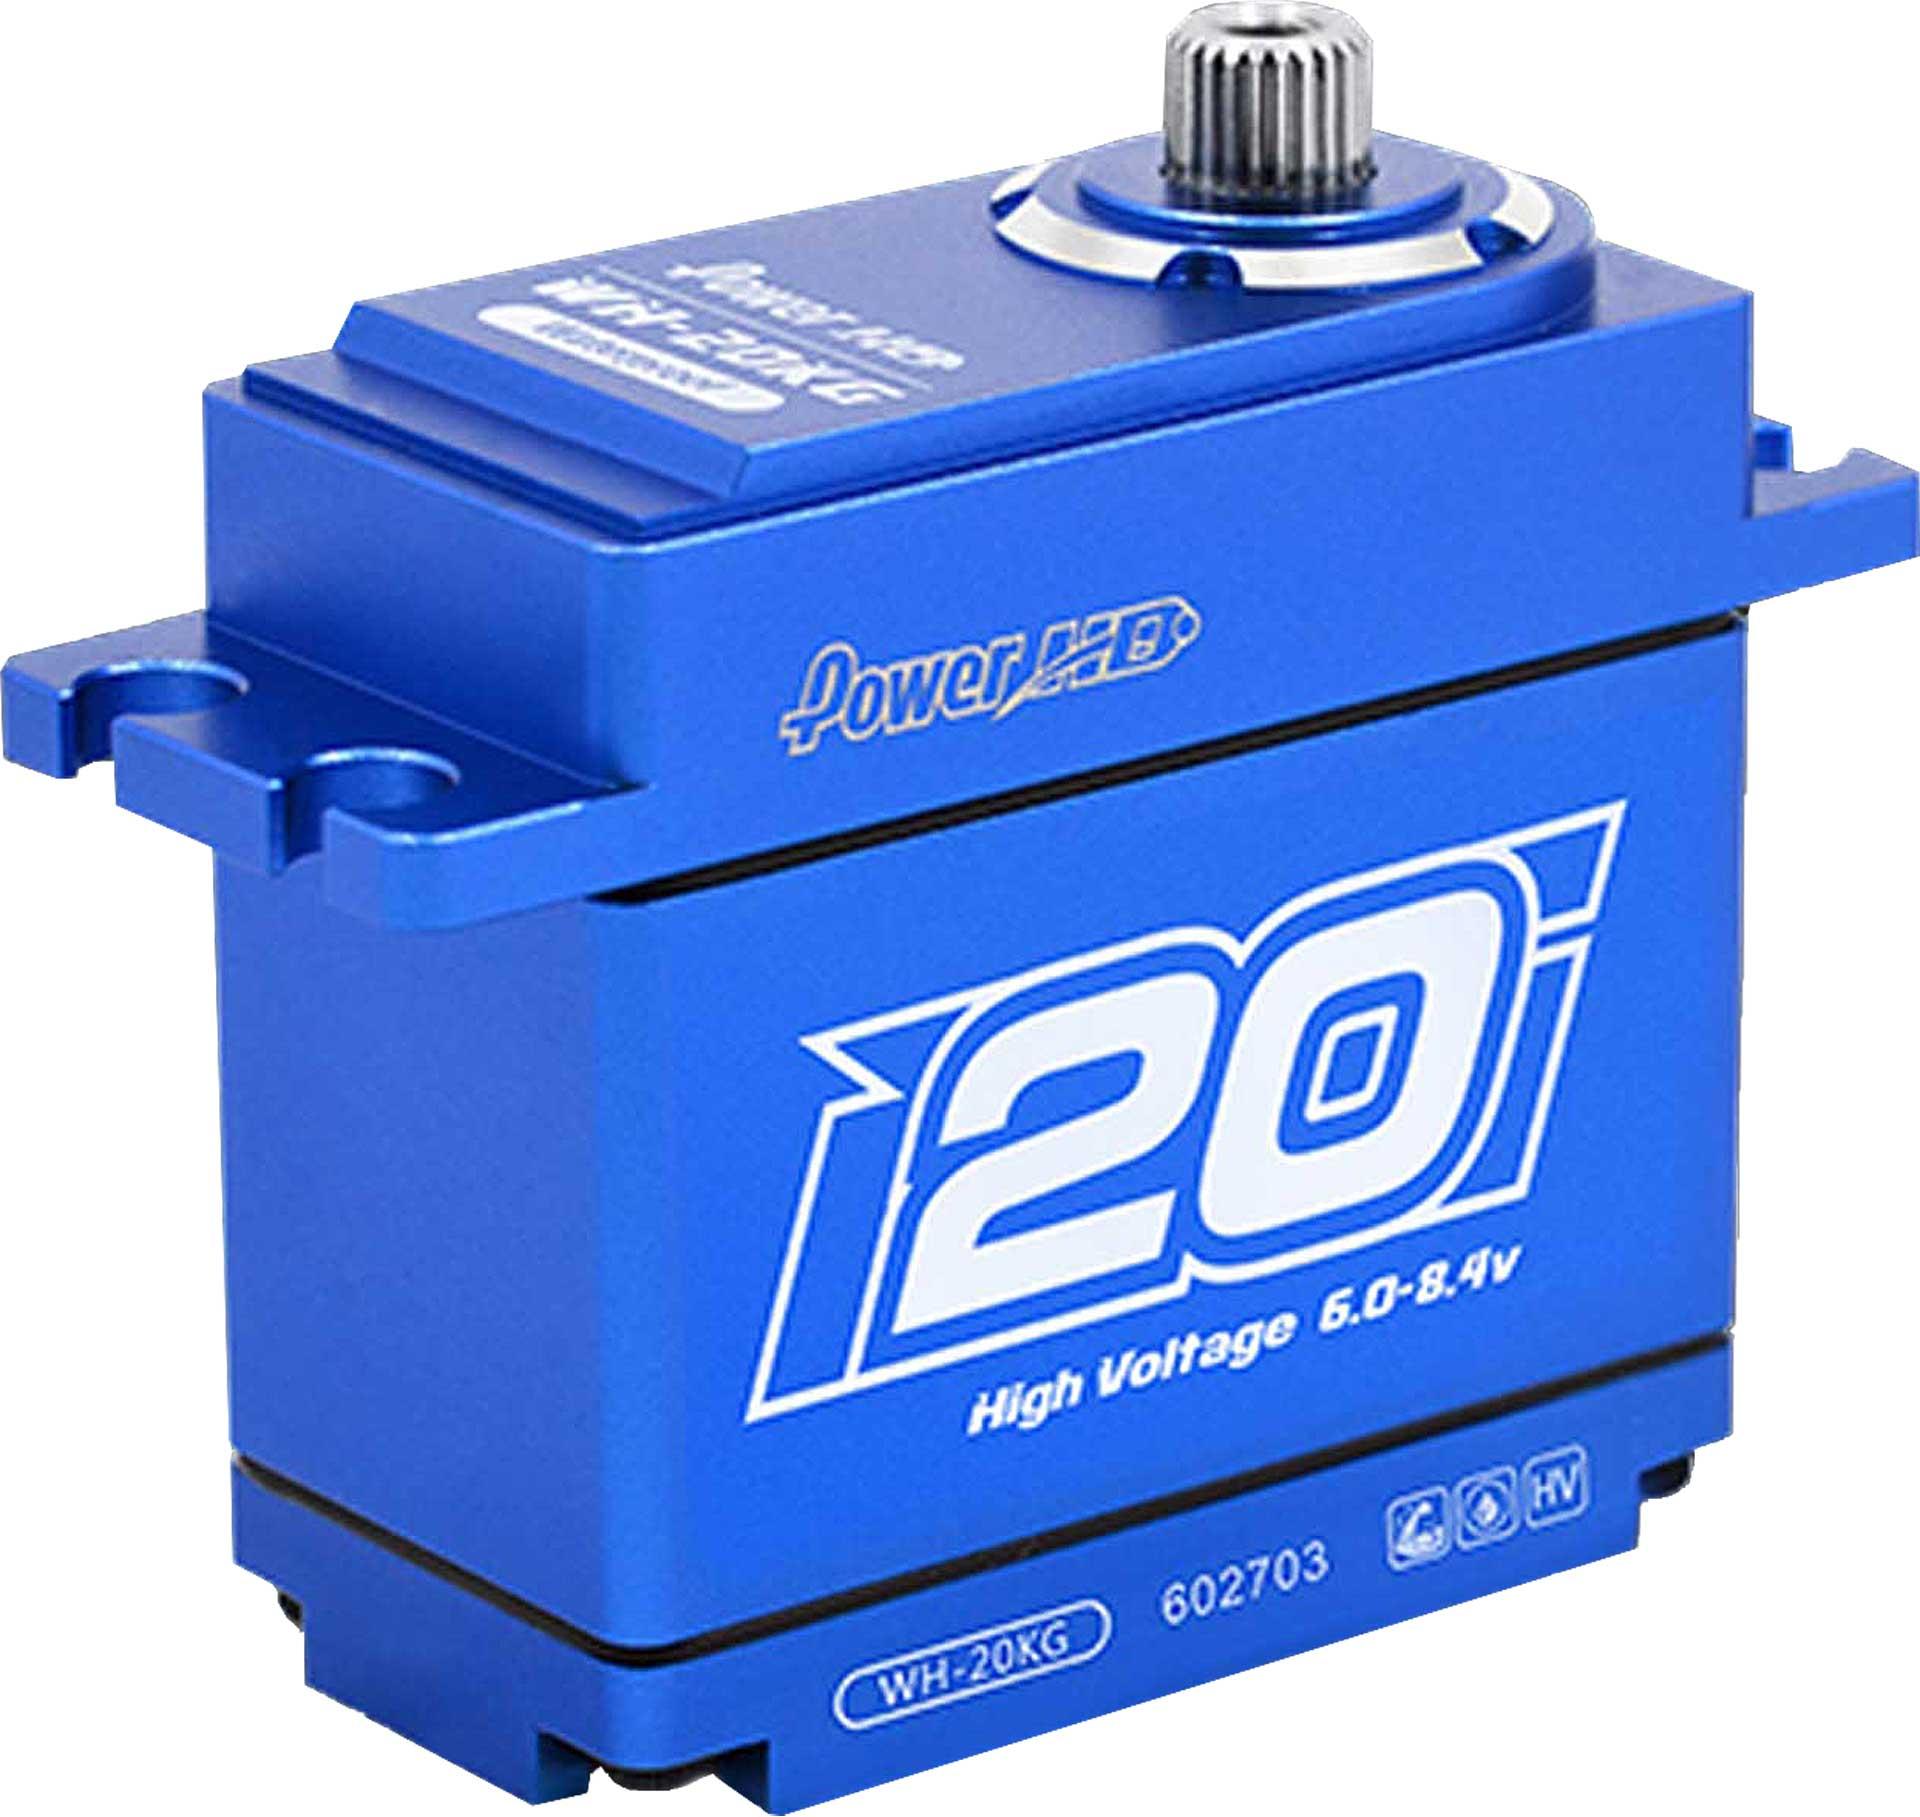 POWER HD WH-20 20kg HV wasserdicht Stahl/Aluminium Getriebe Coreless Motor Metallgehäuse doppelt kugelgelagert Digital Servo